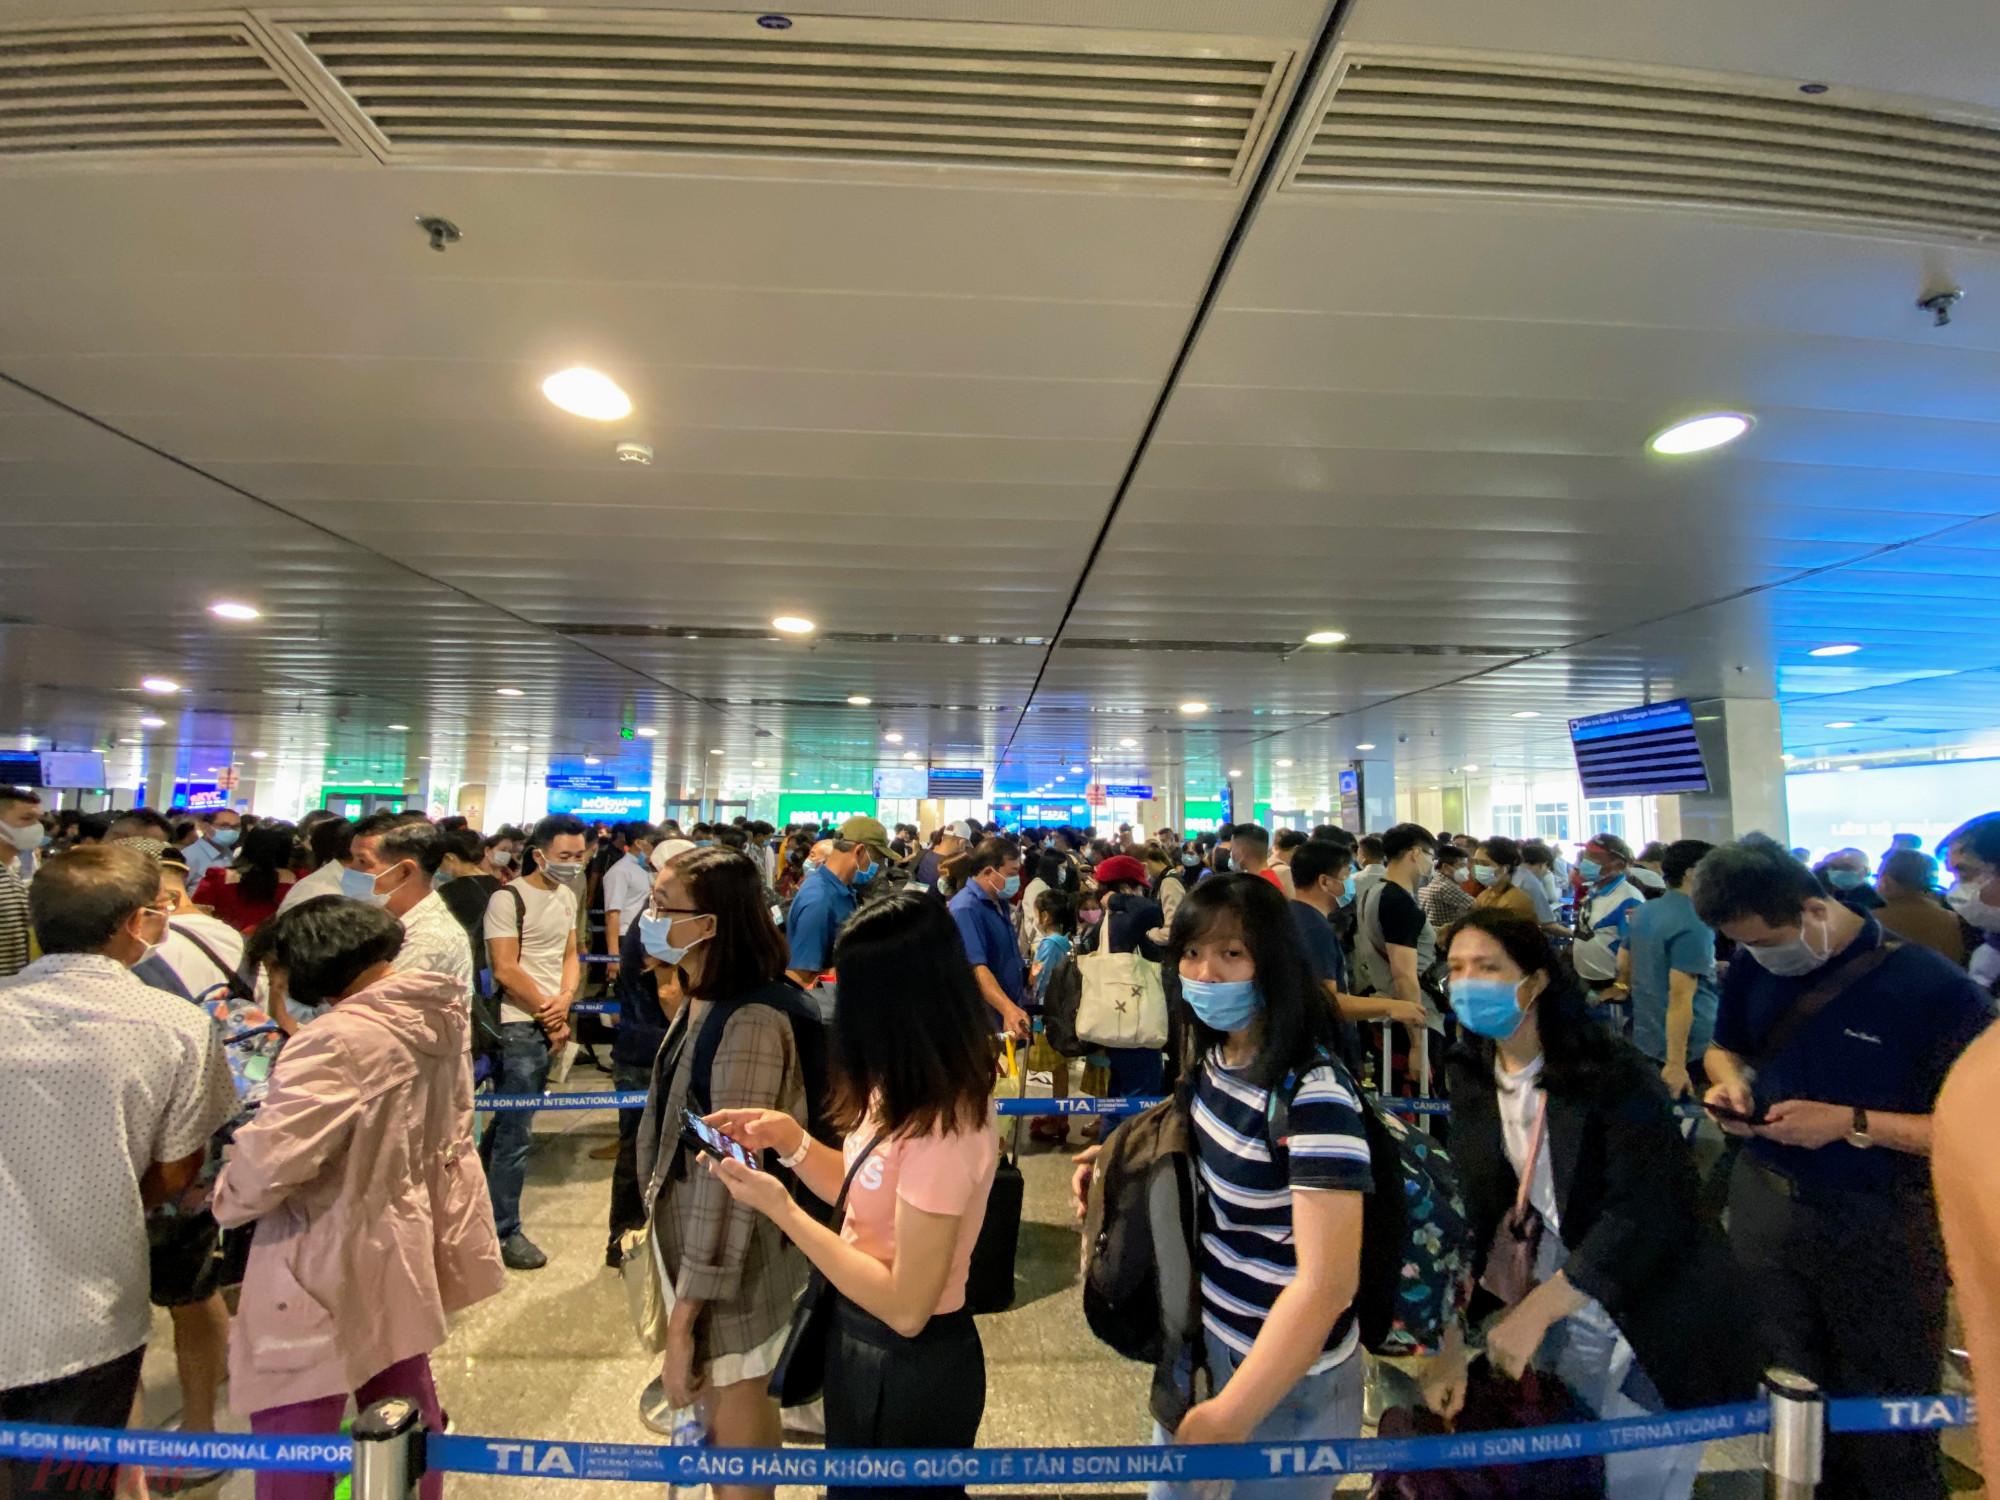 Khách hàng rồng rắn xếp hàng chờ soi chiếu an ninh tại sân bay Tân Sơn Nhất. Ảnh: Quốc Thái